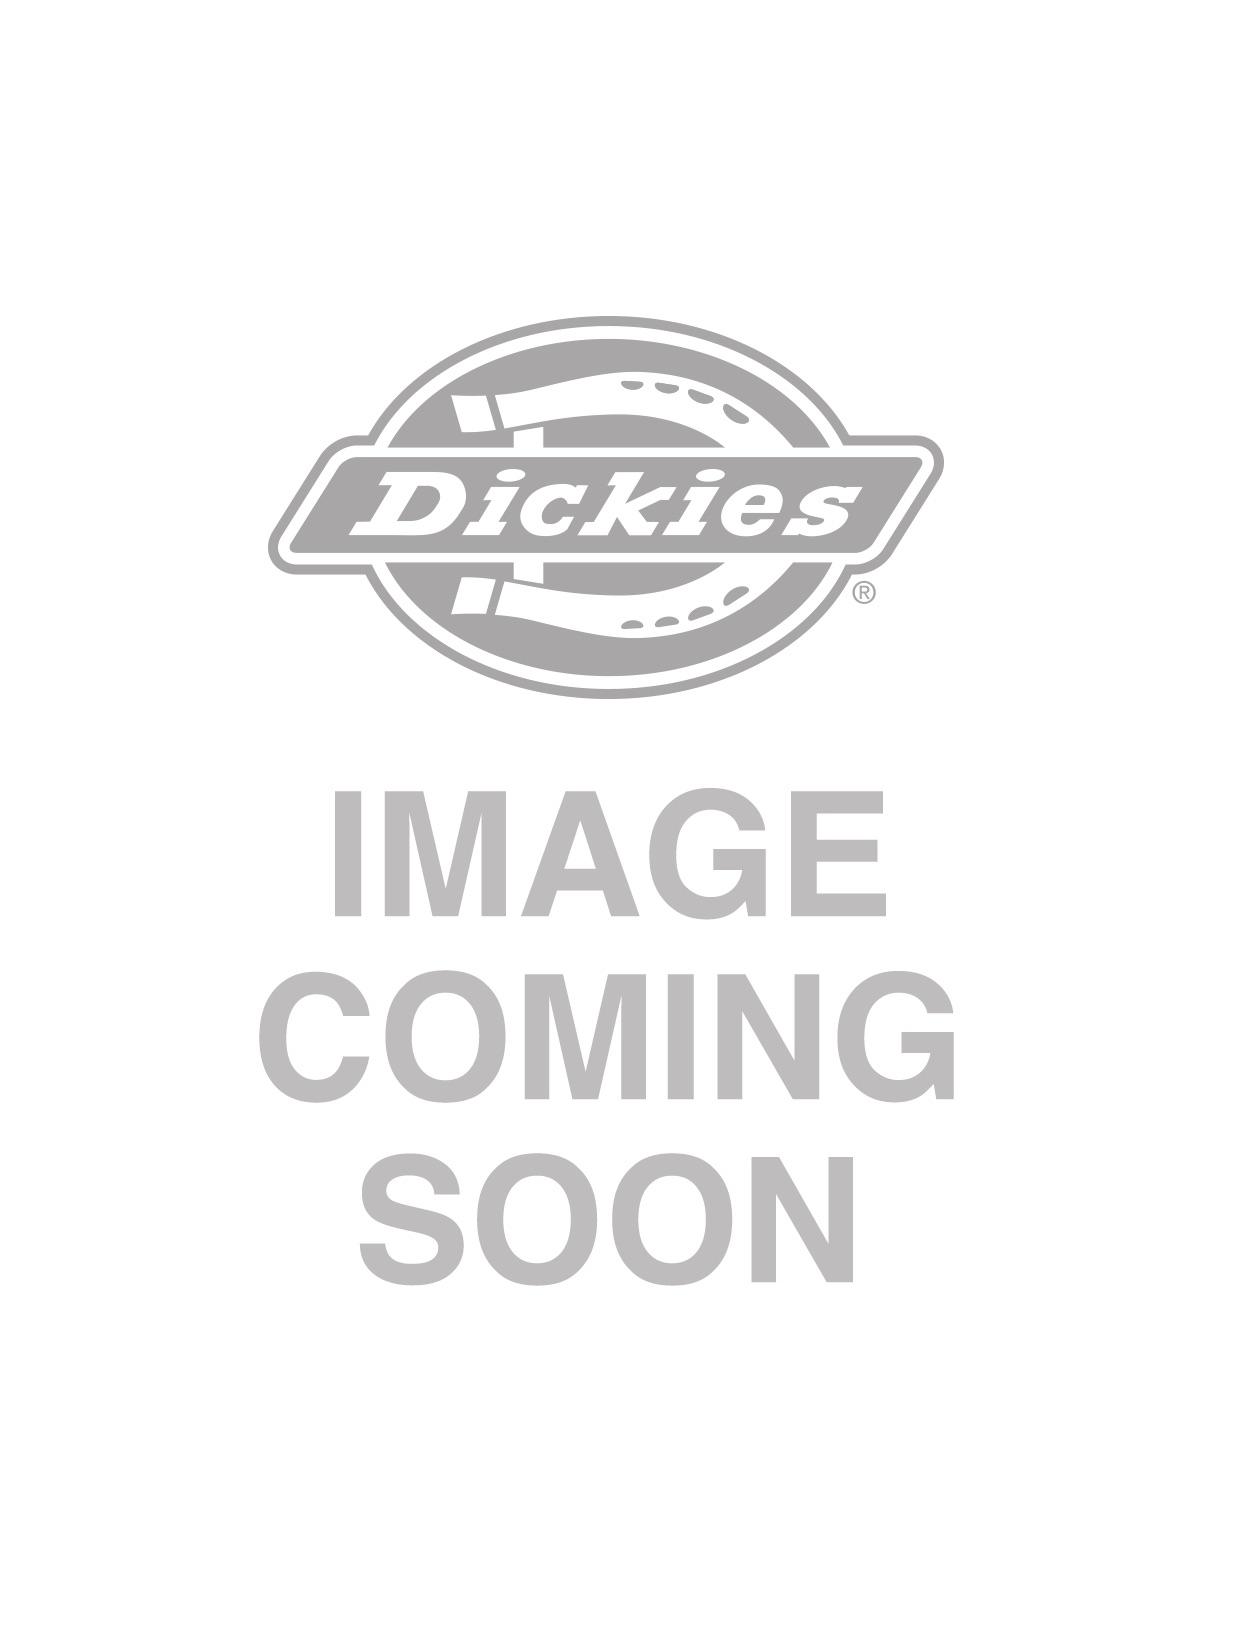 Dickies New Orleans Shoe